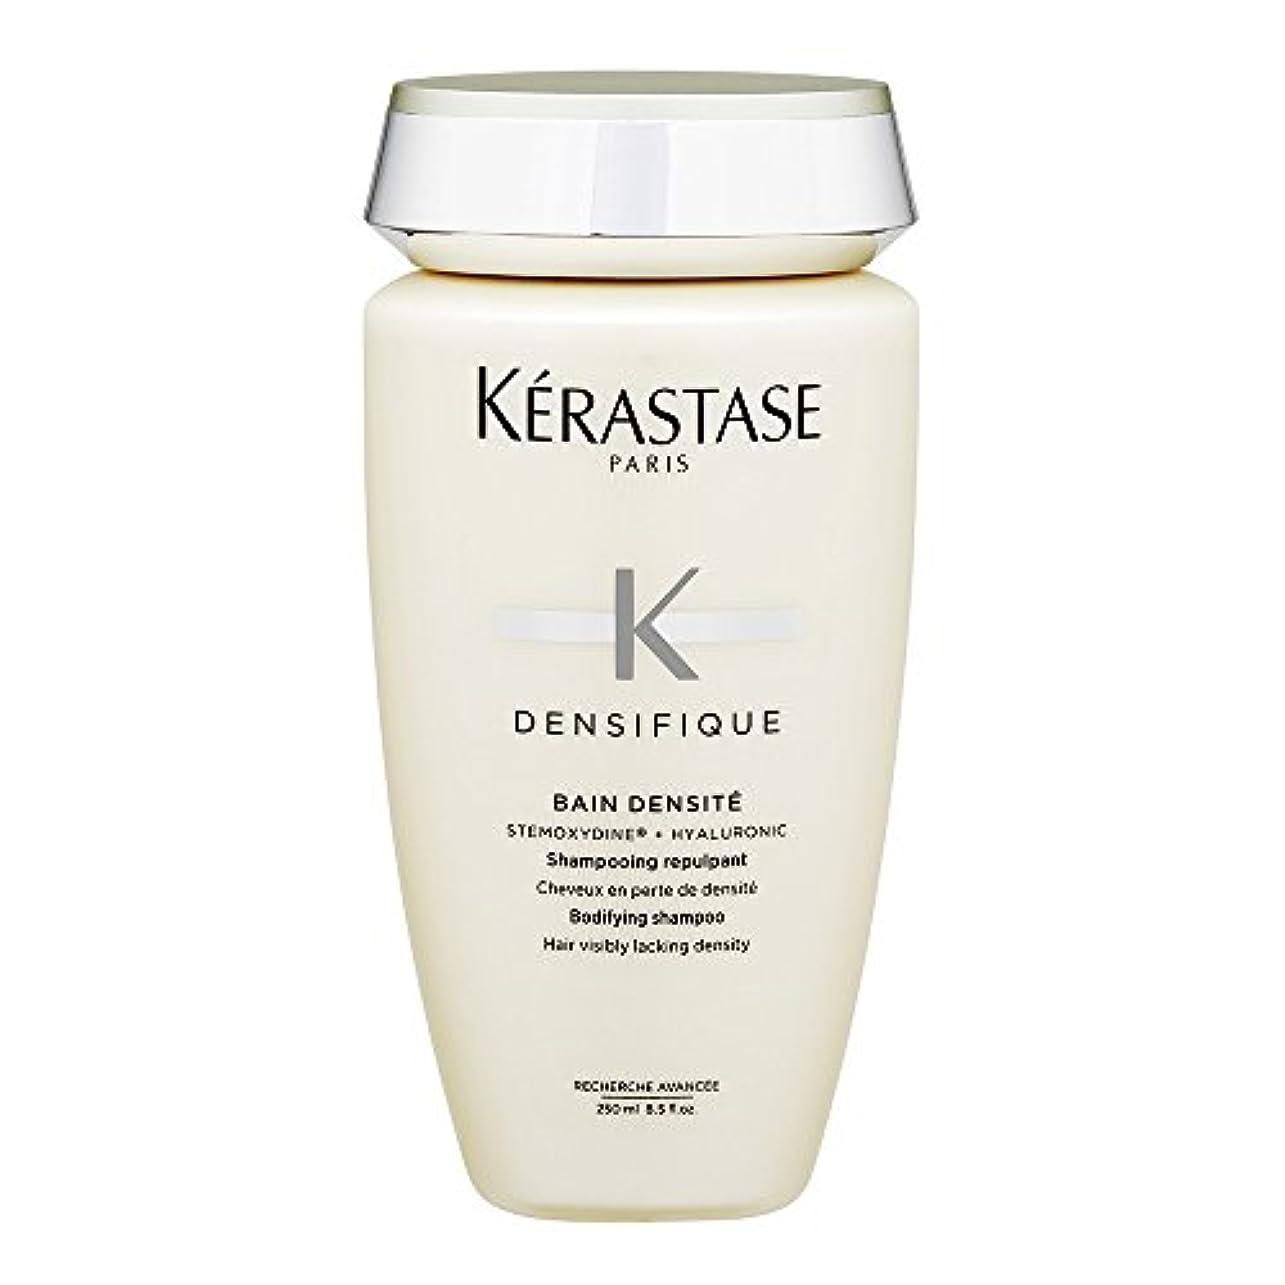 避けられない加速するコンテンポラリーケラスターゼ(KERASTASE) DS バン デンシフィック 250ml [並行輸入品]